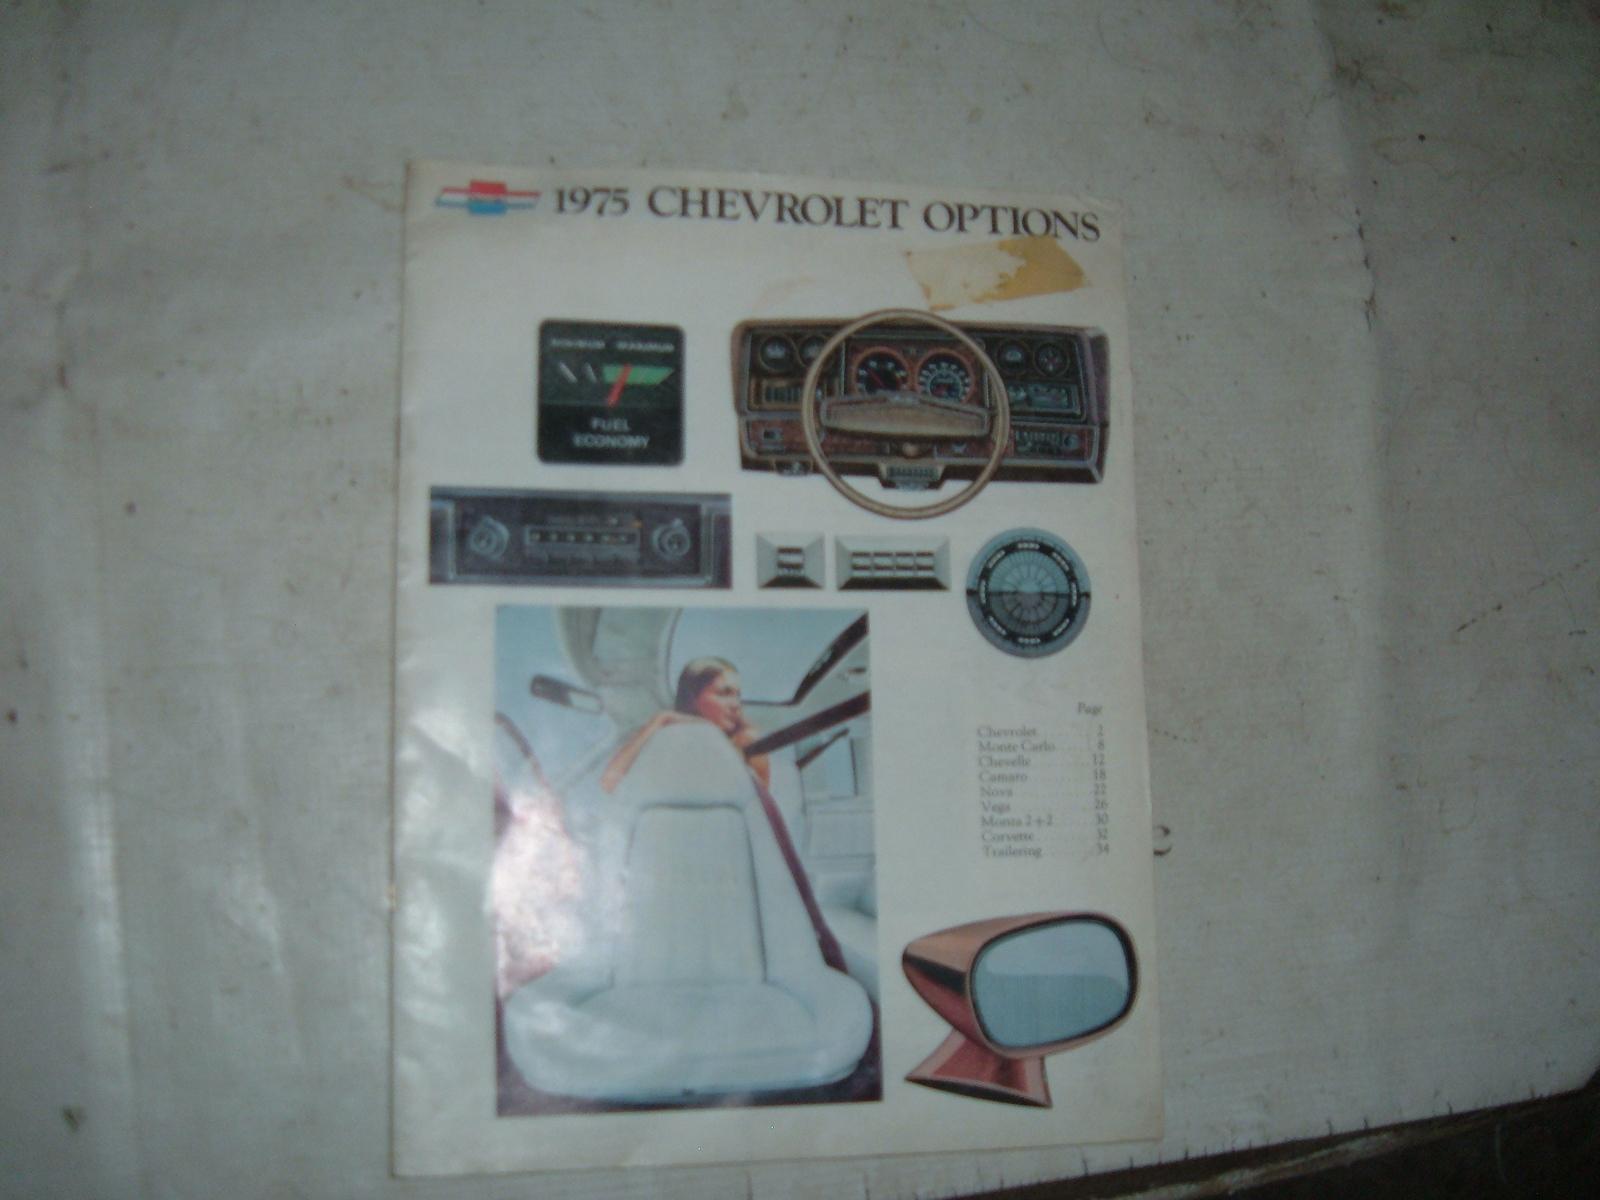 1975 chevrolet dealer accessory catalog nova corvette, monte carlo, camaro ,chevelle, caprice ,impala